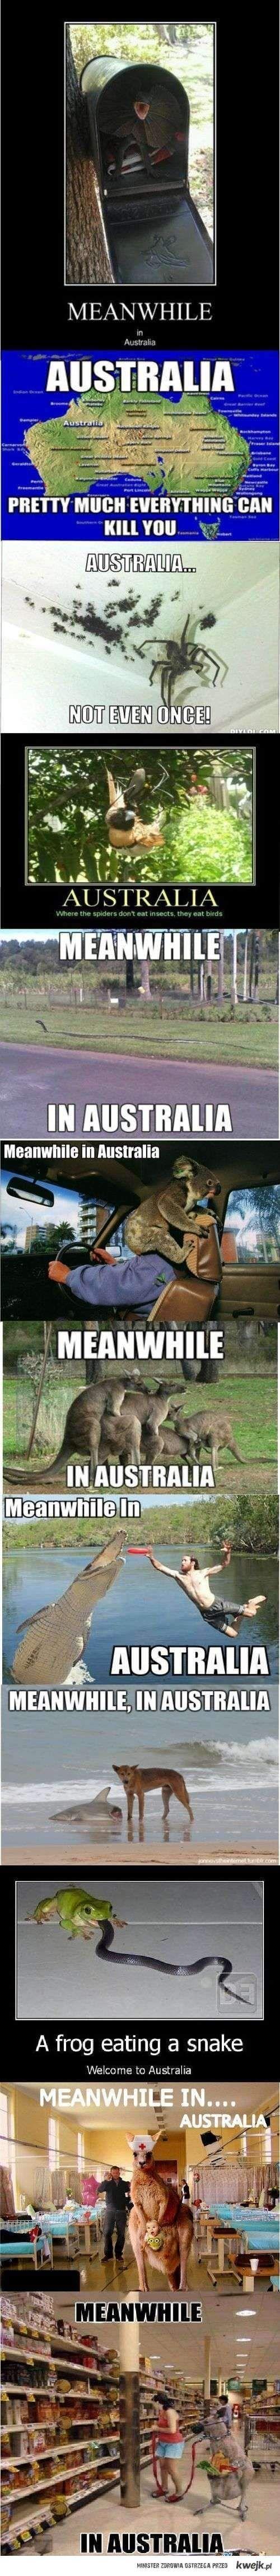 Assshhhllleeeeeyyyyyy....ummm, do we still have to visit Australia??????